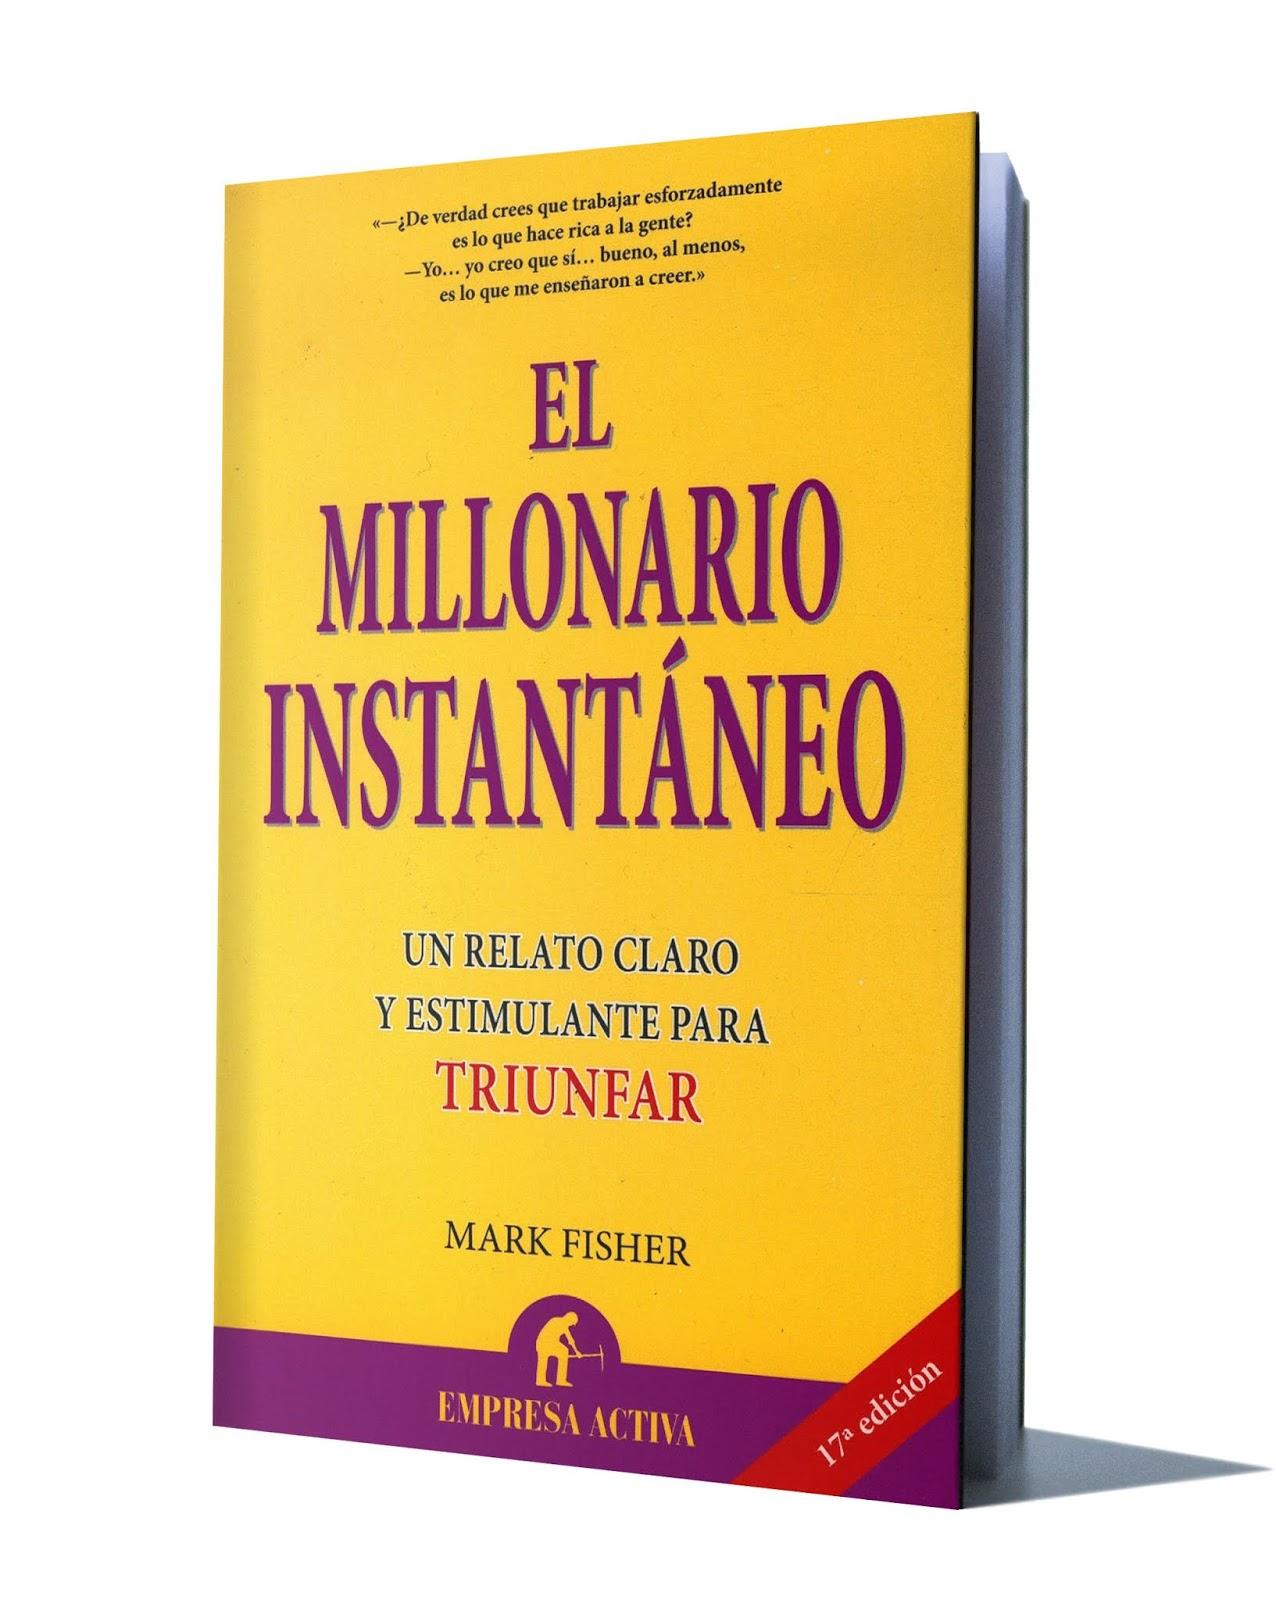 EL MILLONARIO INSTANTÁNEO - MARK FISHER - Libros De ...